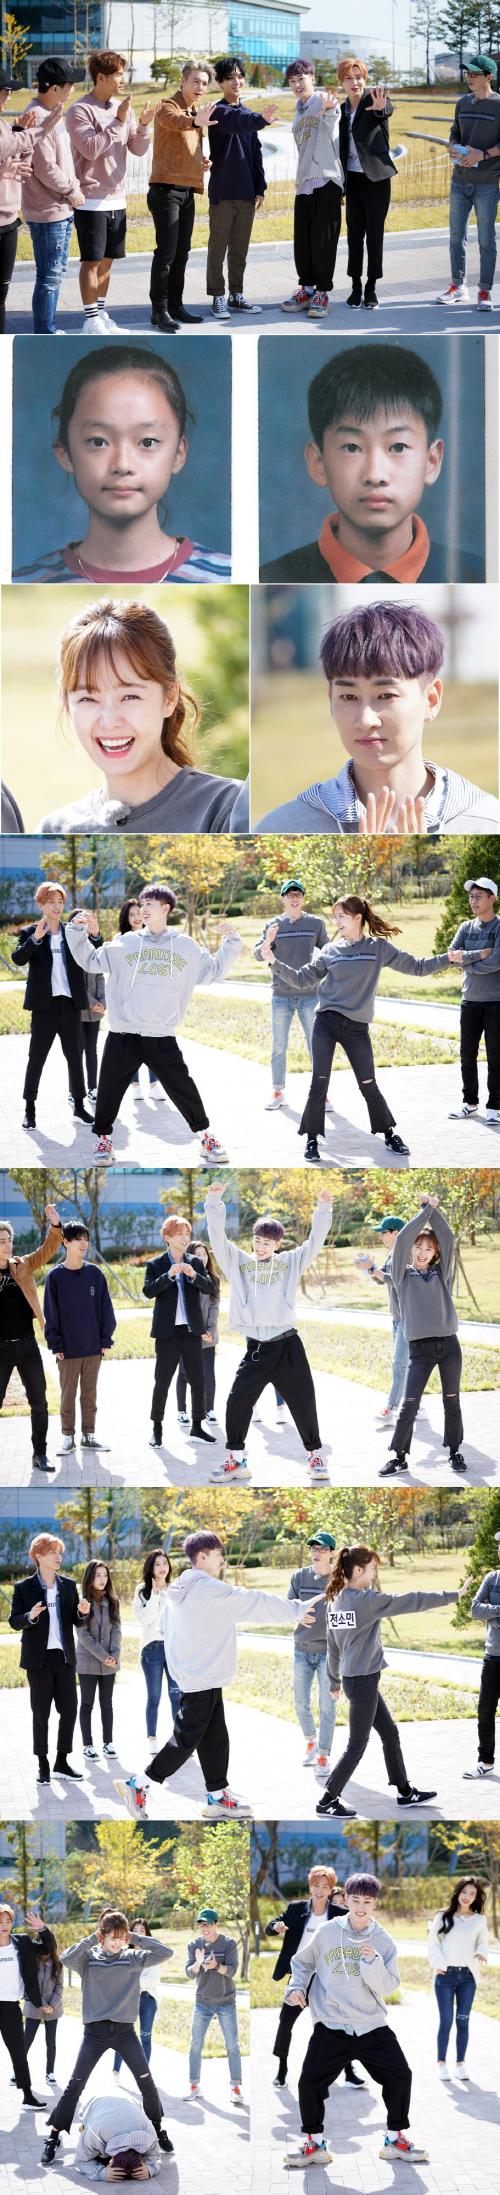 Eunhyuk (Super Junior) bất ngờ nhận ra bạn cũ thời tiểu học tại Running Man - Ảnh 1.